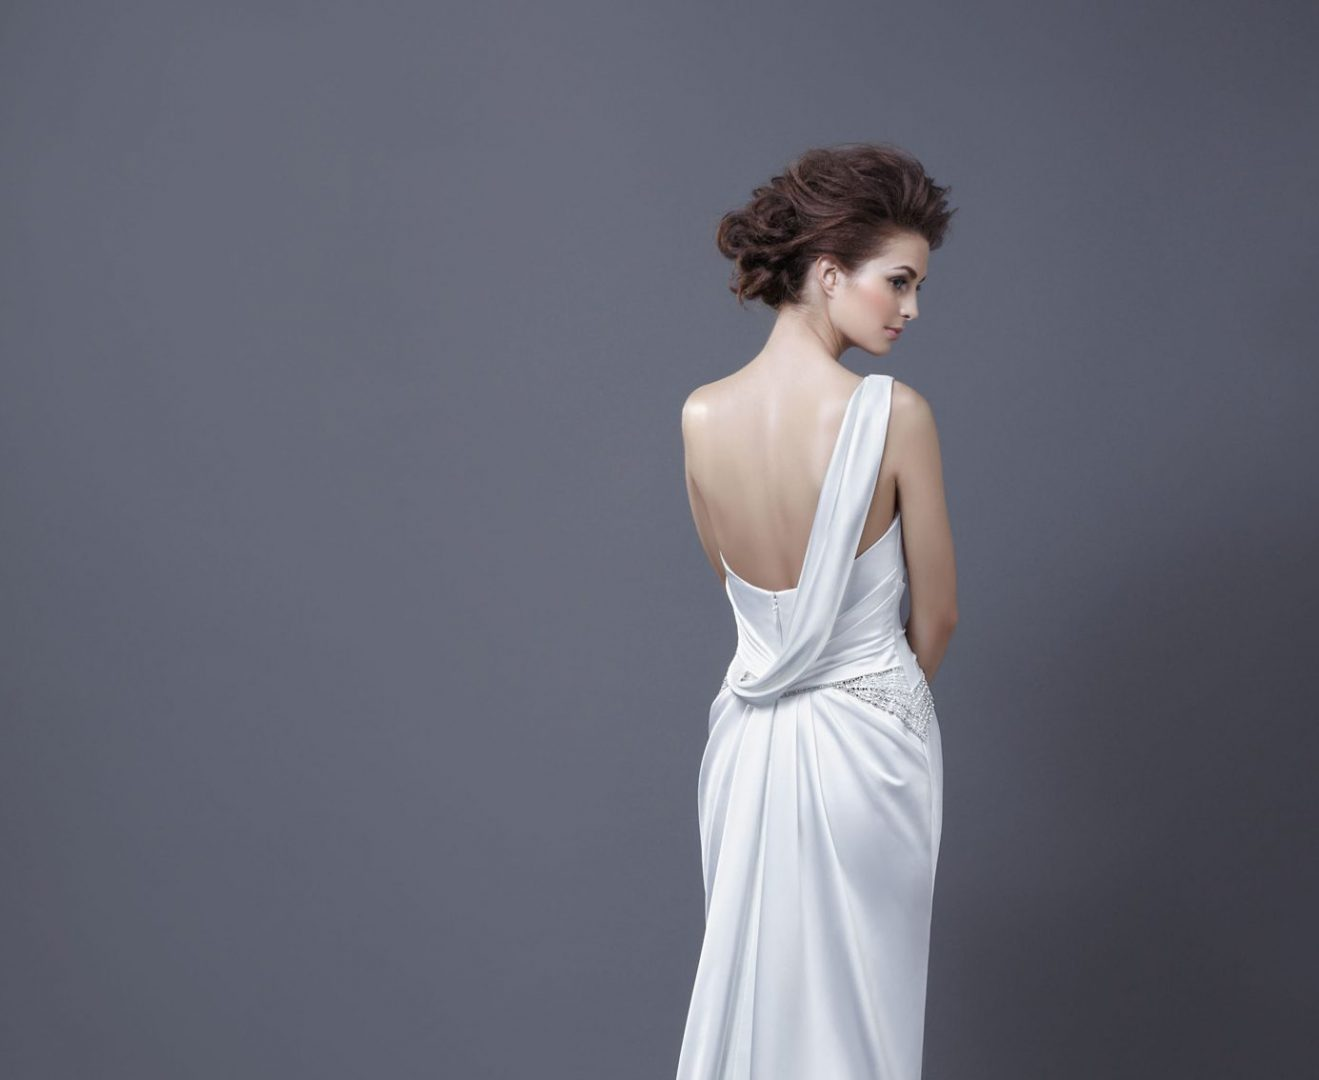 b94c73bd35 A menyasszonyi ruha kölcsönzés és vásárlás előnzei és hátrányai.